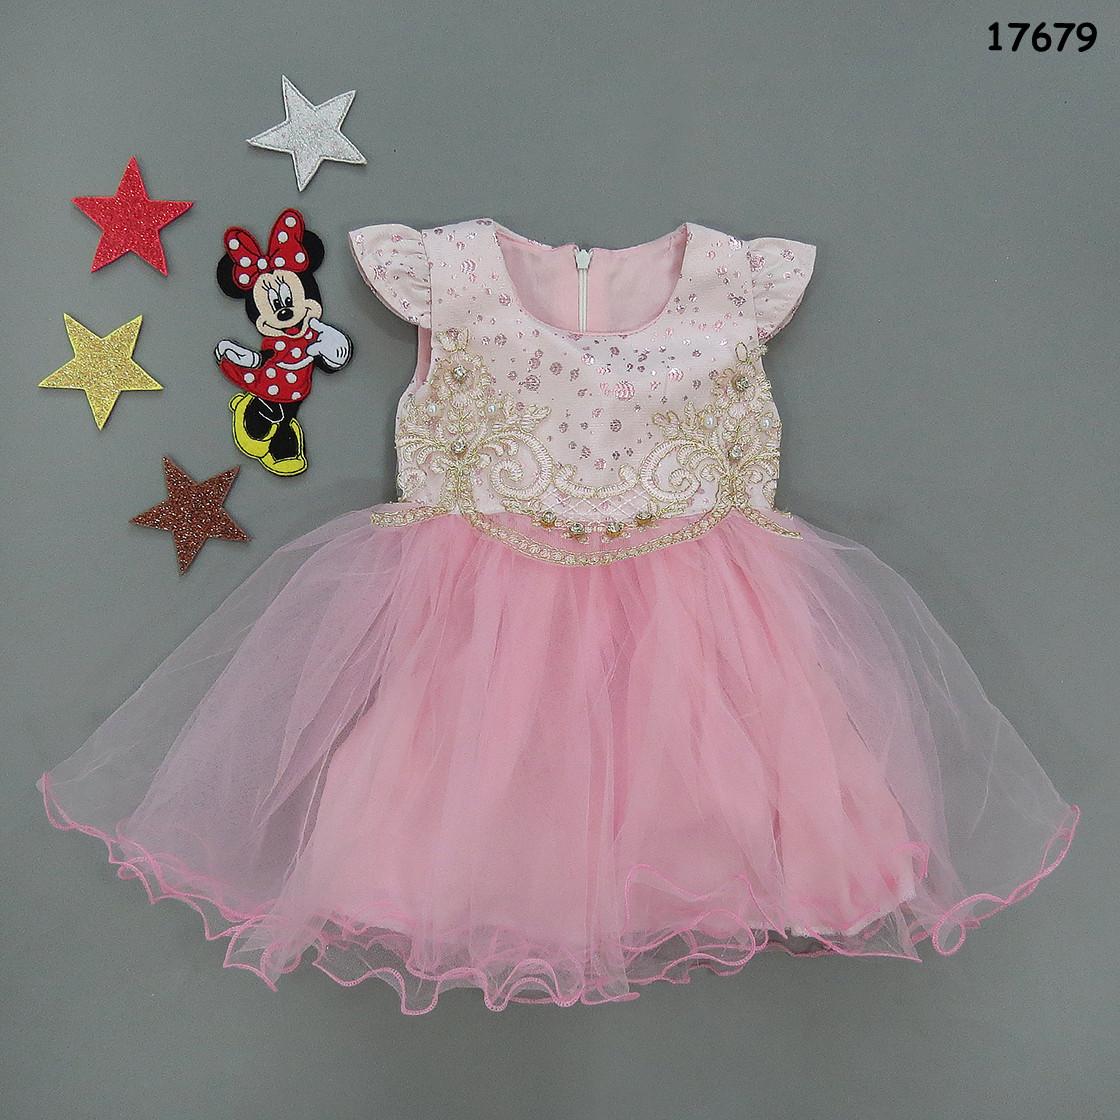 af2c1648bde Нарядное платье для девочки. 1 год - Детская одежда и товары